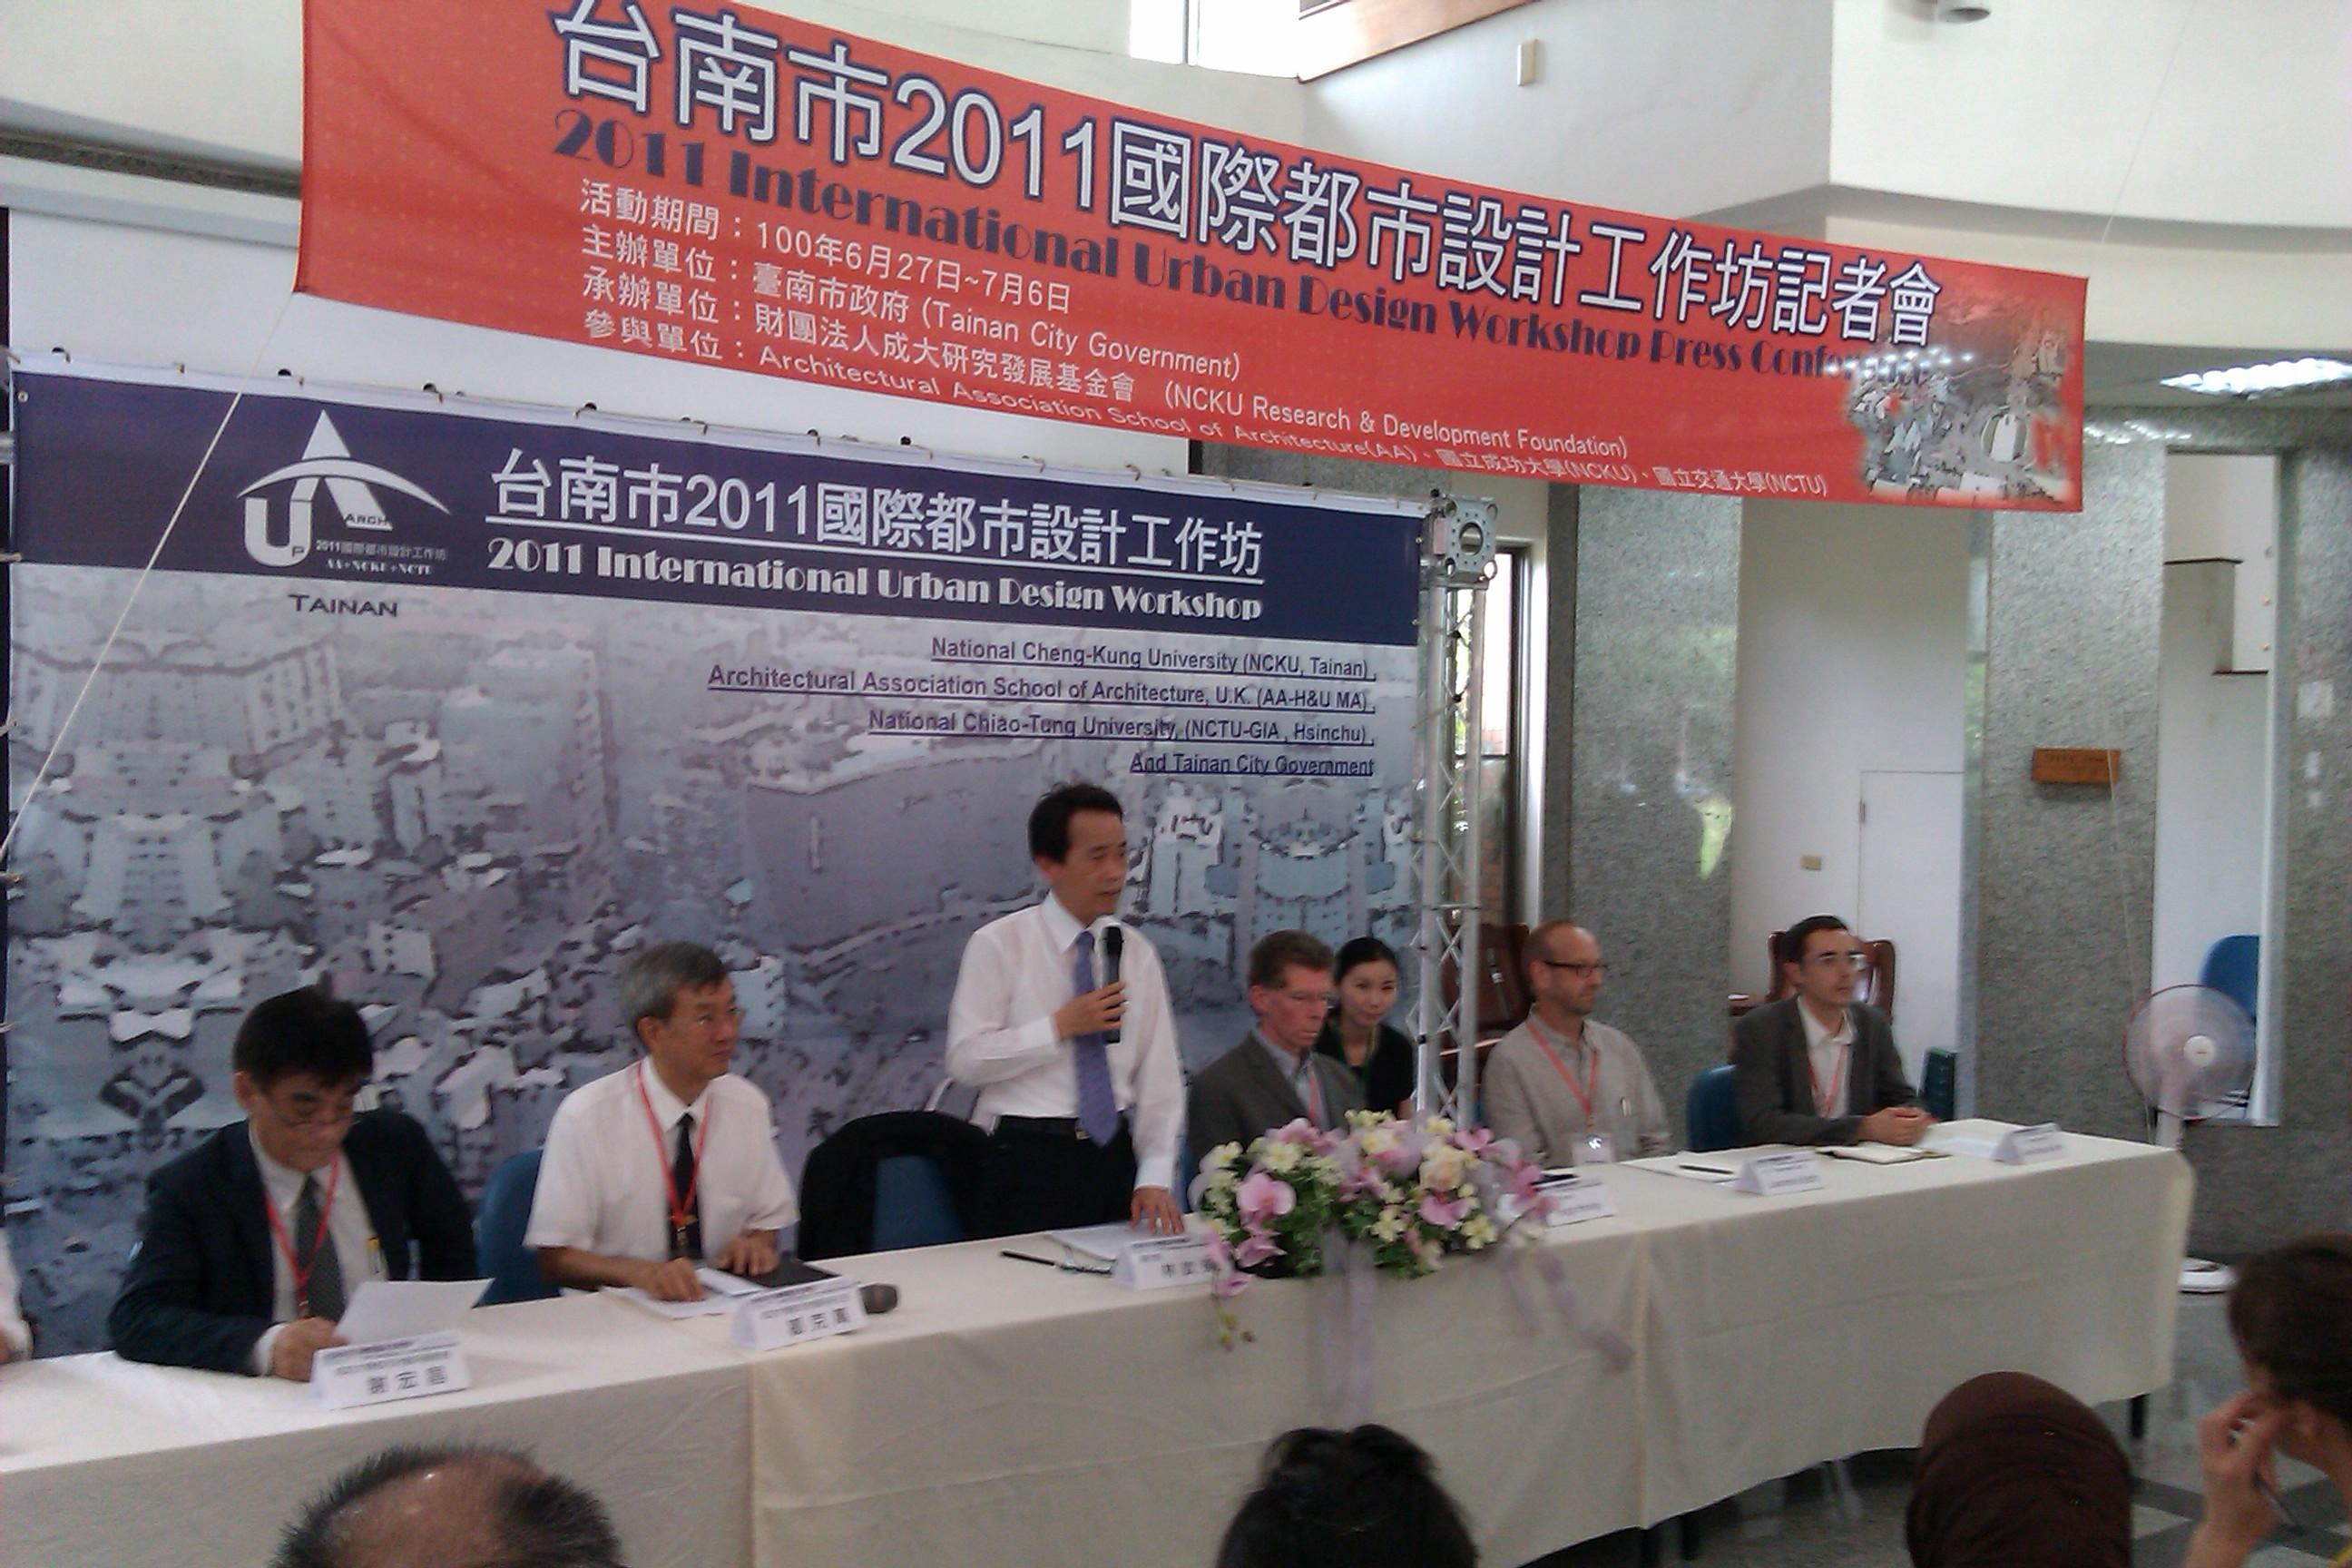 國際都市設計工作坊開幕 英國AA建築學院拜訪臺南  1